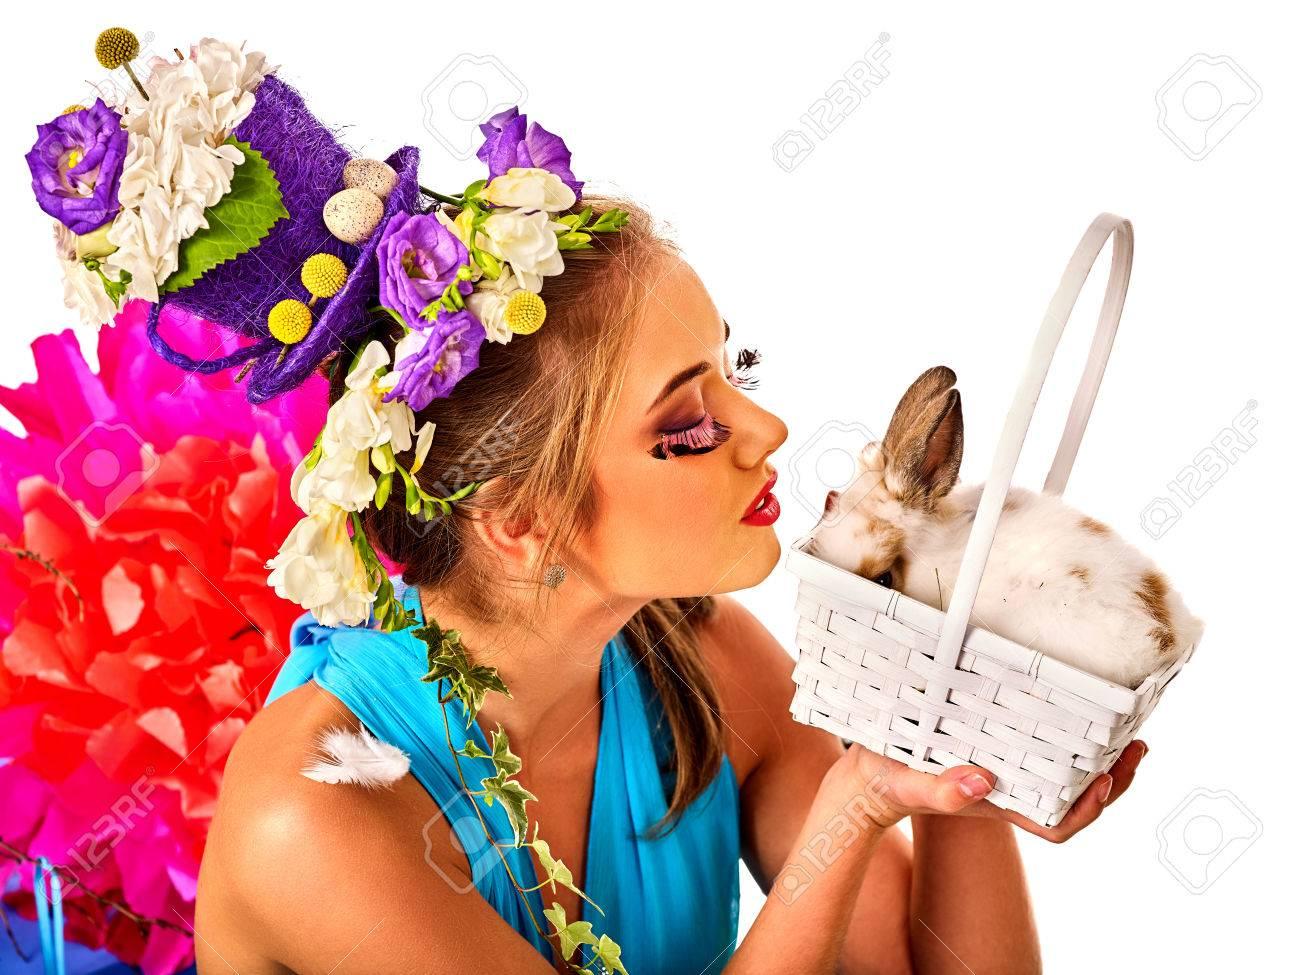 ostern-kleider für frauen. mädchen mit häschen und eier. frau mit urlaub  frisur und make-up mit kaninchen im korb mit blumen. erwachsene am  festival.